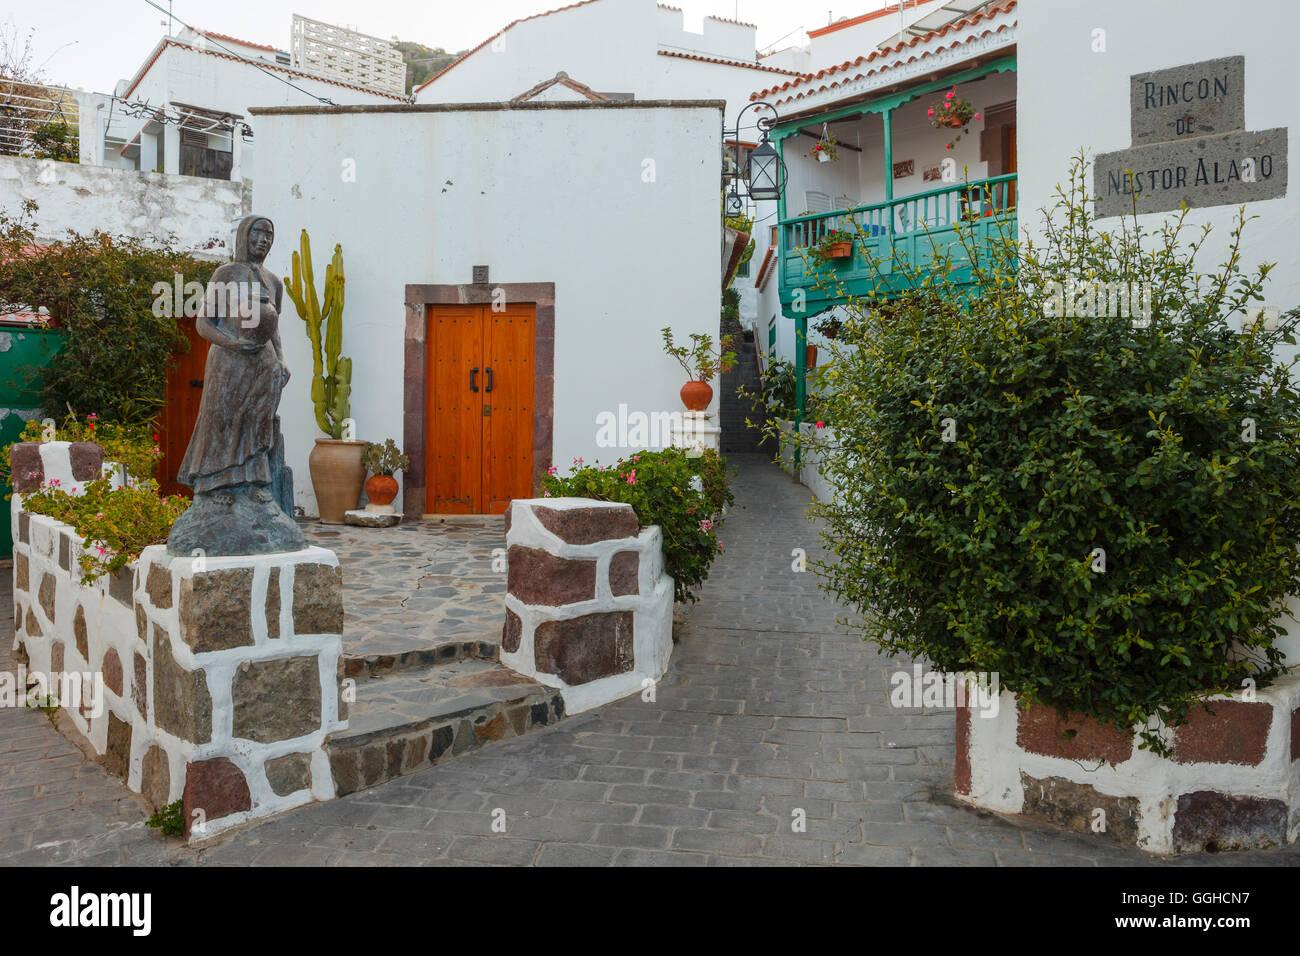 Rincon de Nestor Alamo, alley in Tejeda village, Gran Canaria, Canary Islands, Spain, Europe - Stock Image